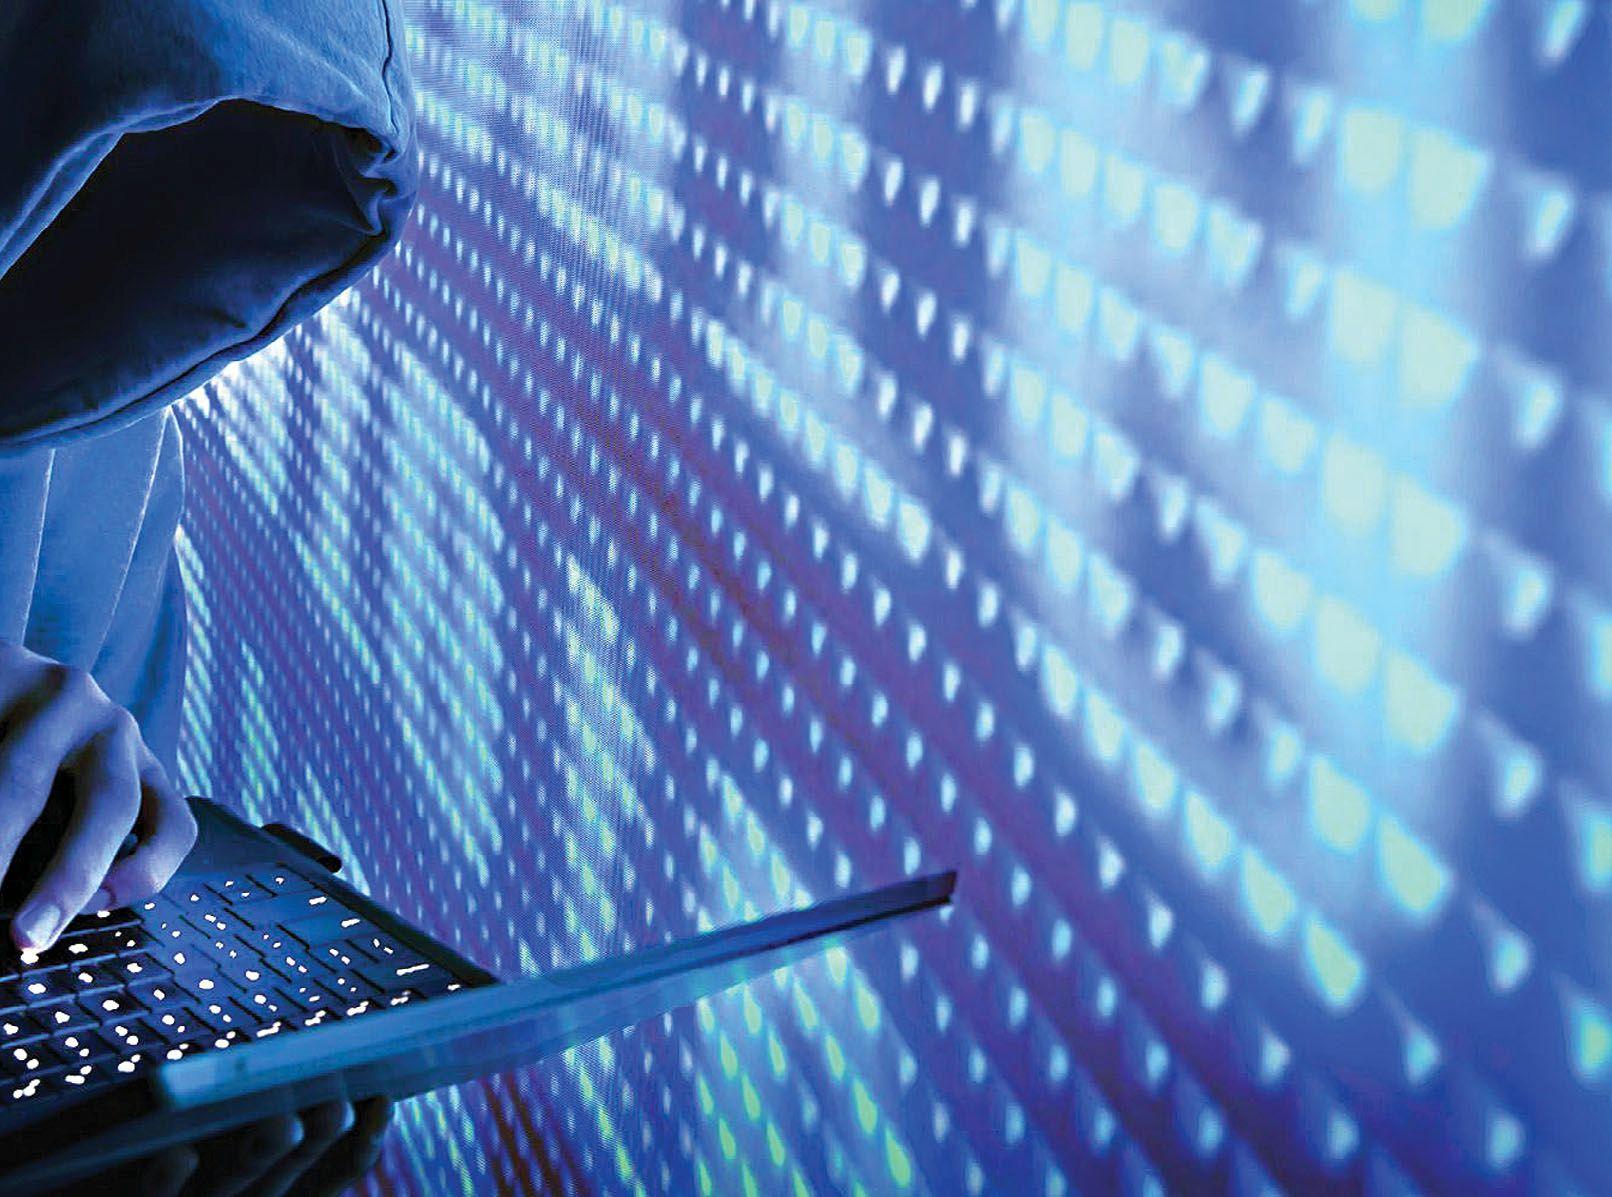 Elektroniniai nusikaltimai – sparčiausiai auganti nusikaltimų rūšis